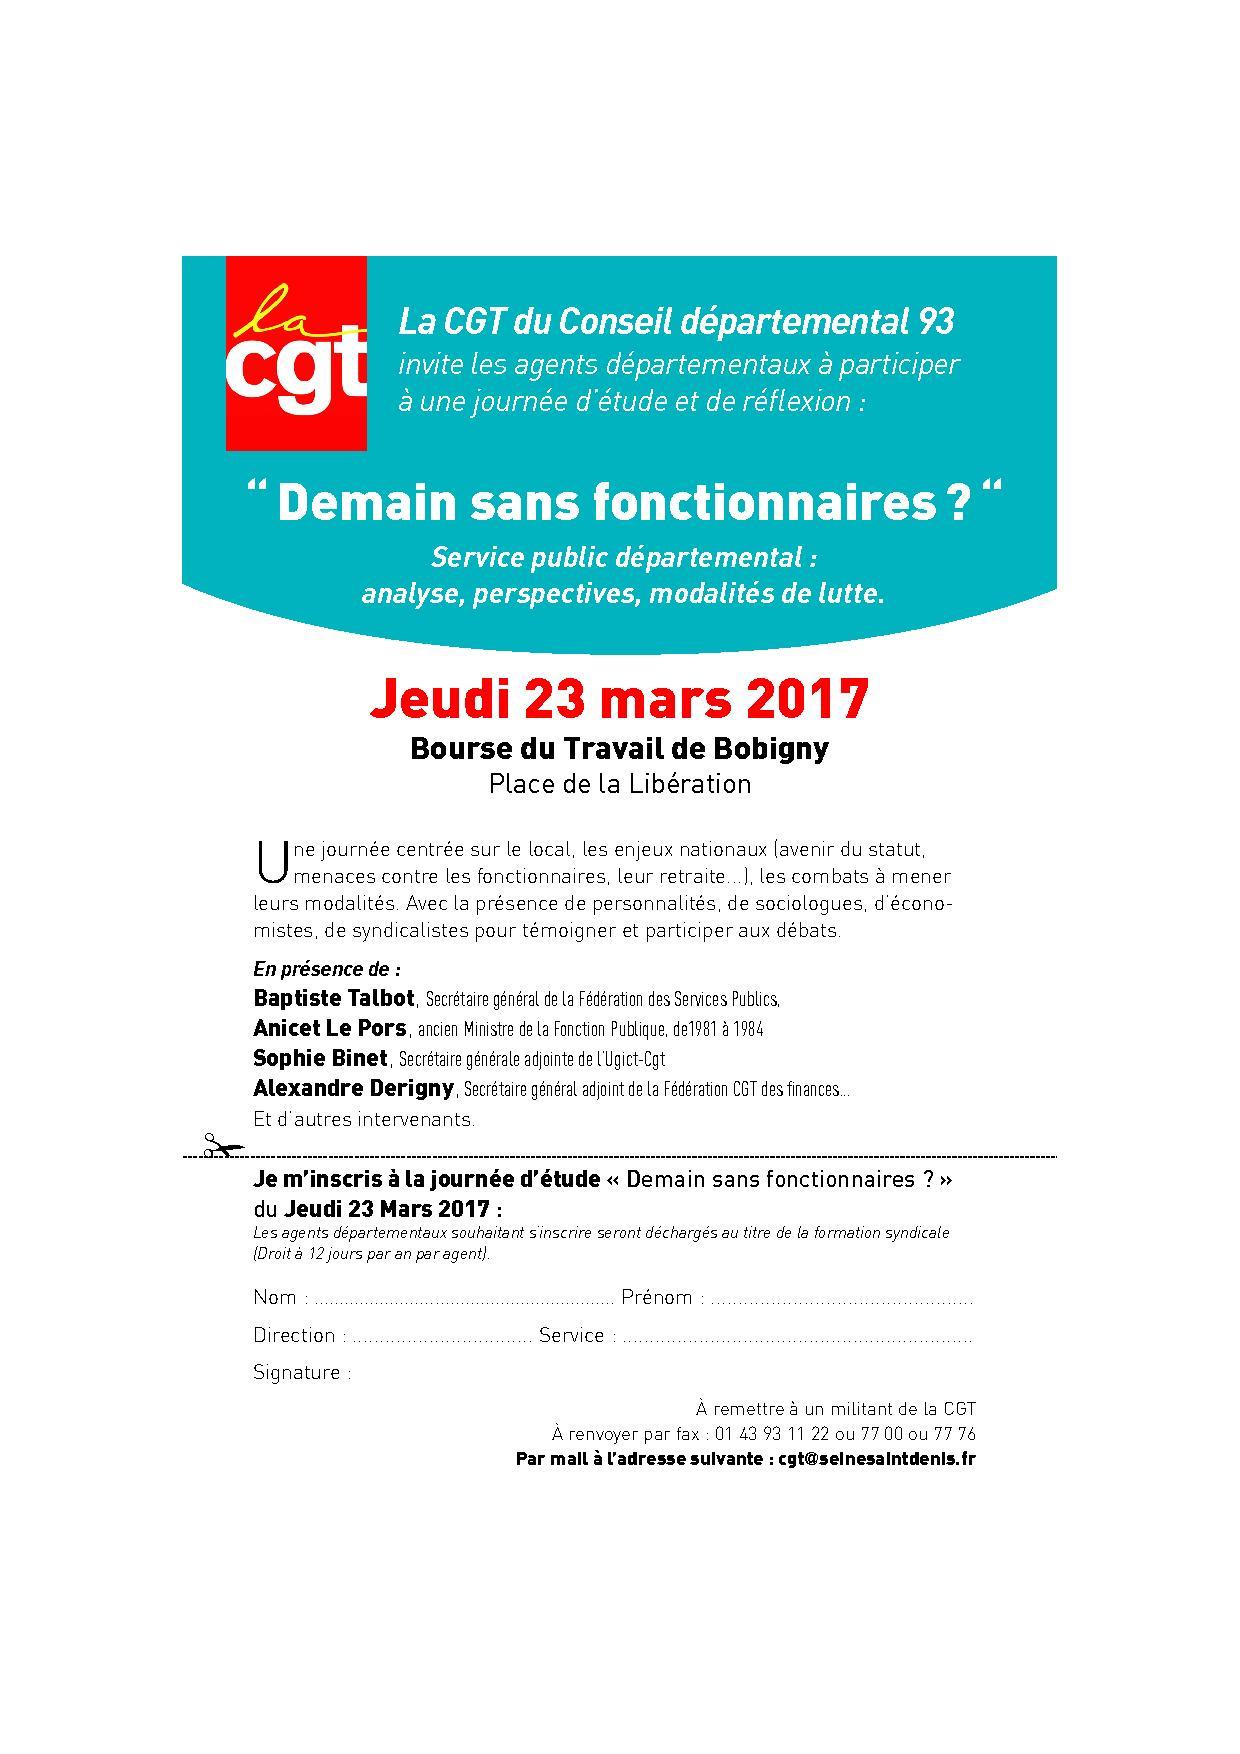 69f66ee3741 Inscrivez-vous à la journée de formation syndicale organisée par la Cgt du  Conseil départemental 93 « demain sans fonctionnaires » avant le 22 février  2017 ...